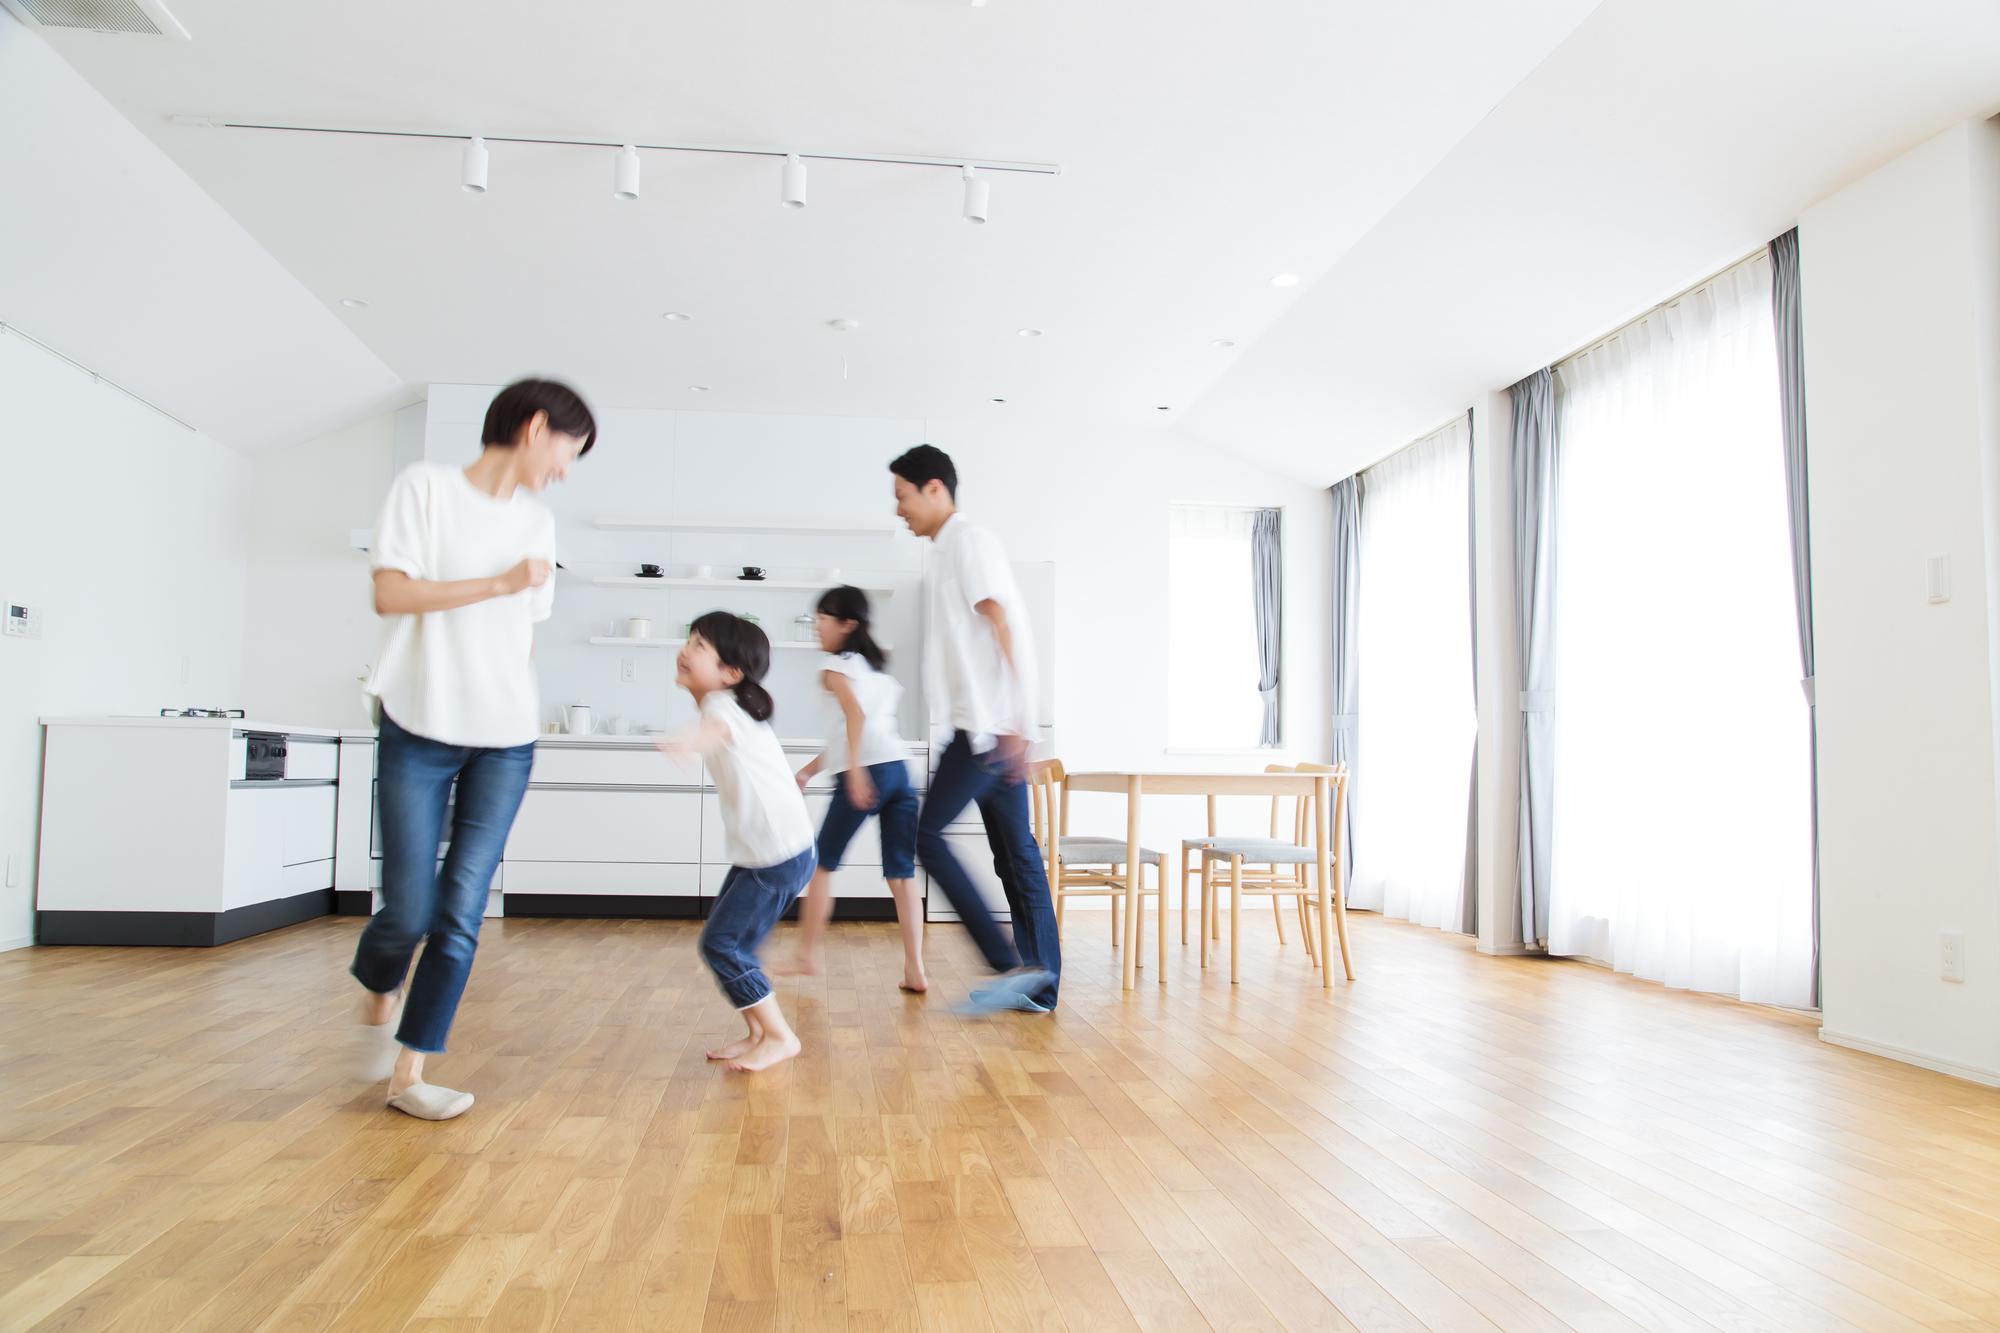 住宅リフォーム事業 有限会社プロンプト